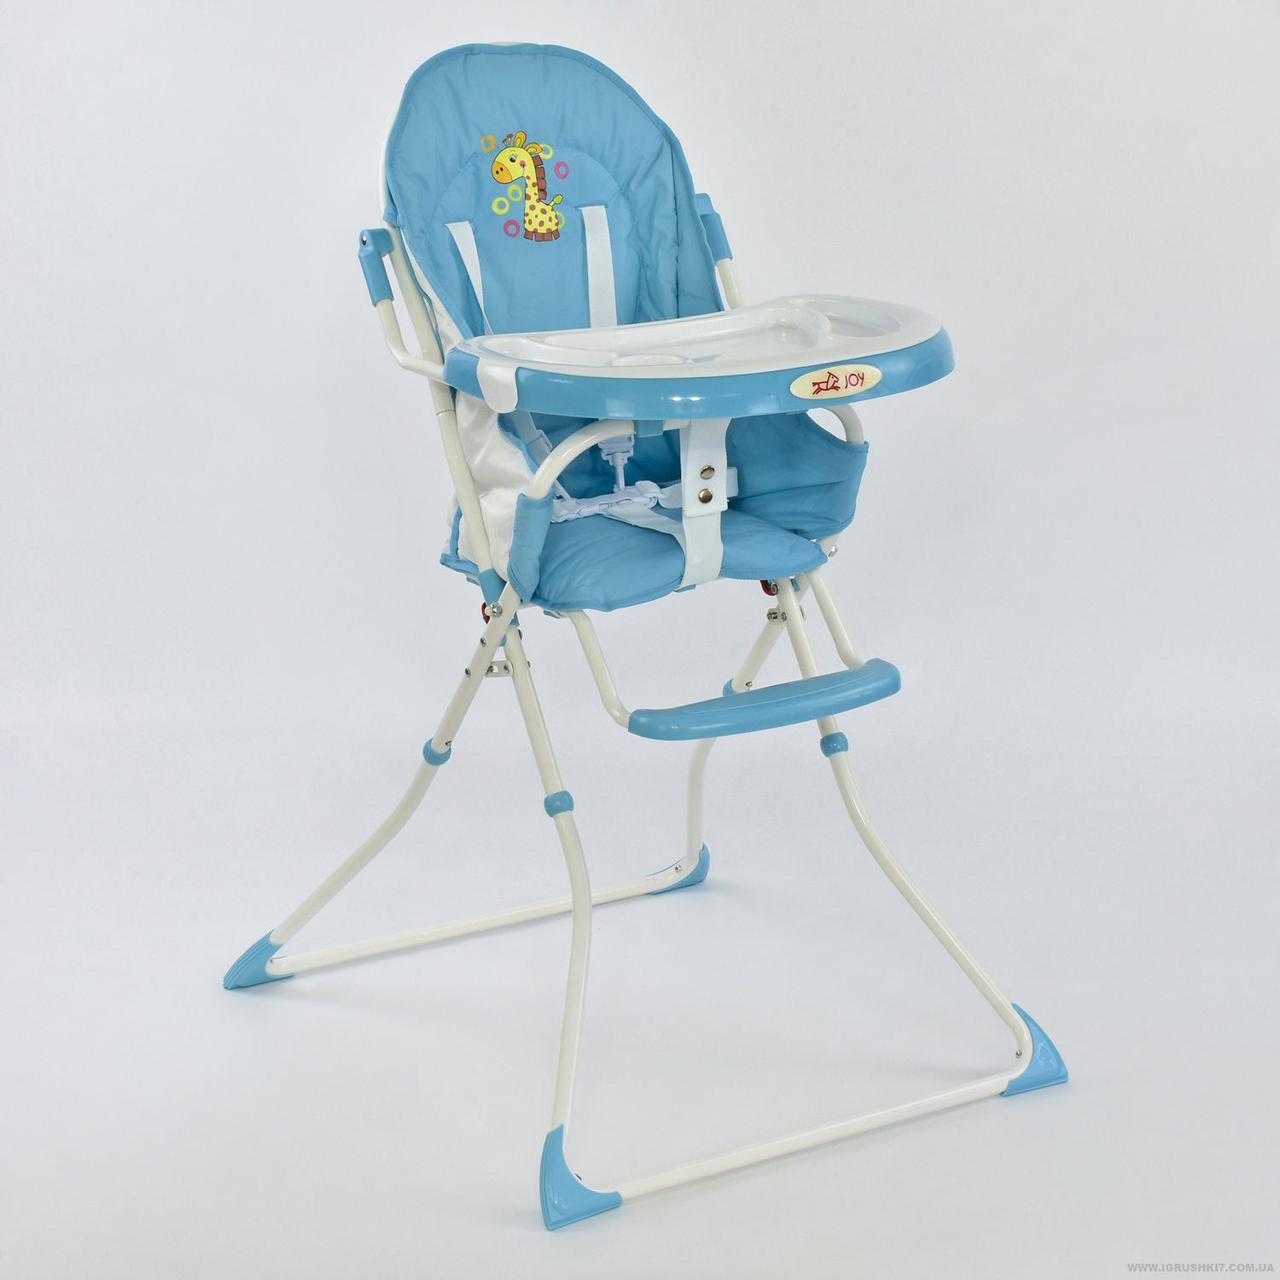 Стульчик для кормления JOY 8857 голубой